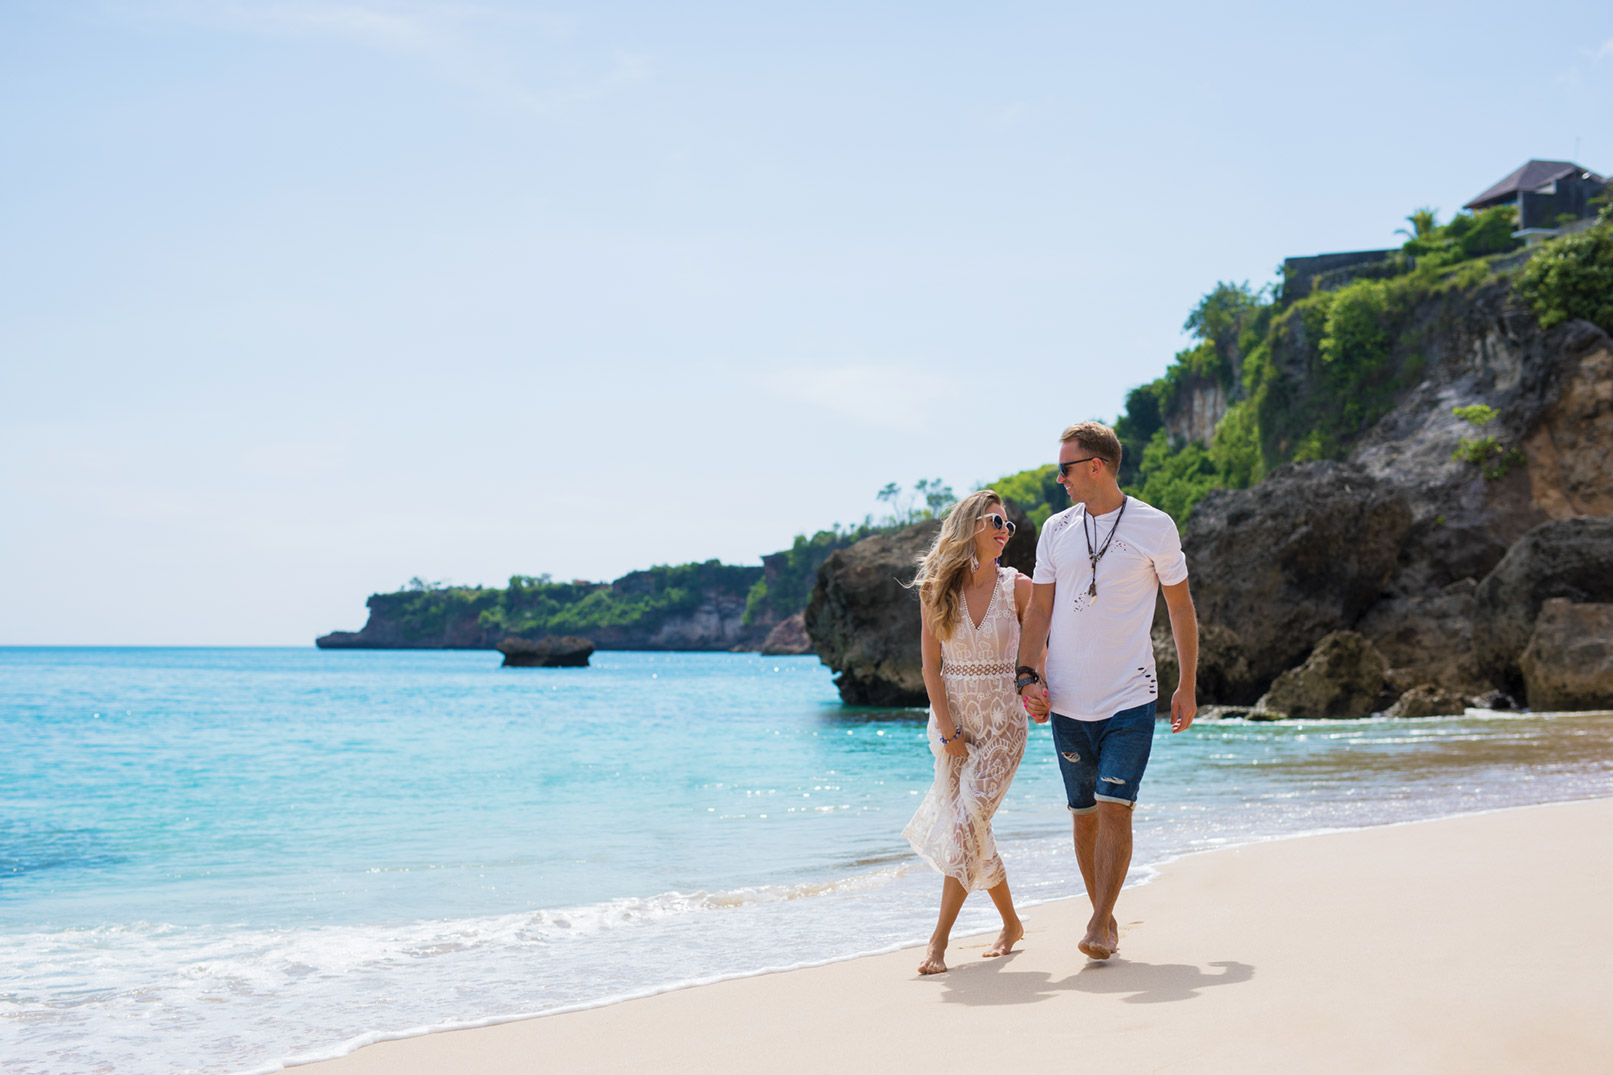 Do I Need Travel Insurance for My Honeymoon?